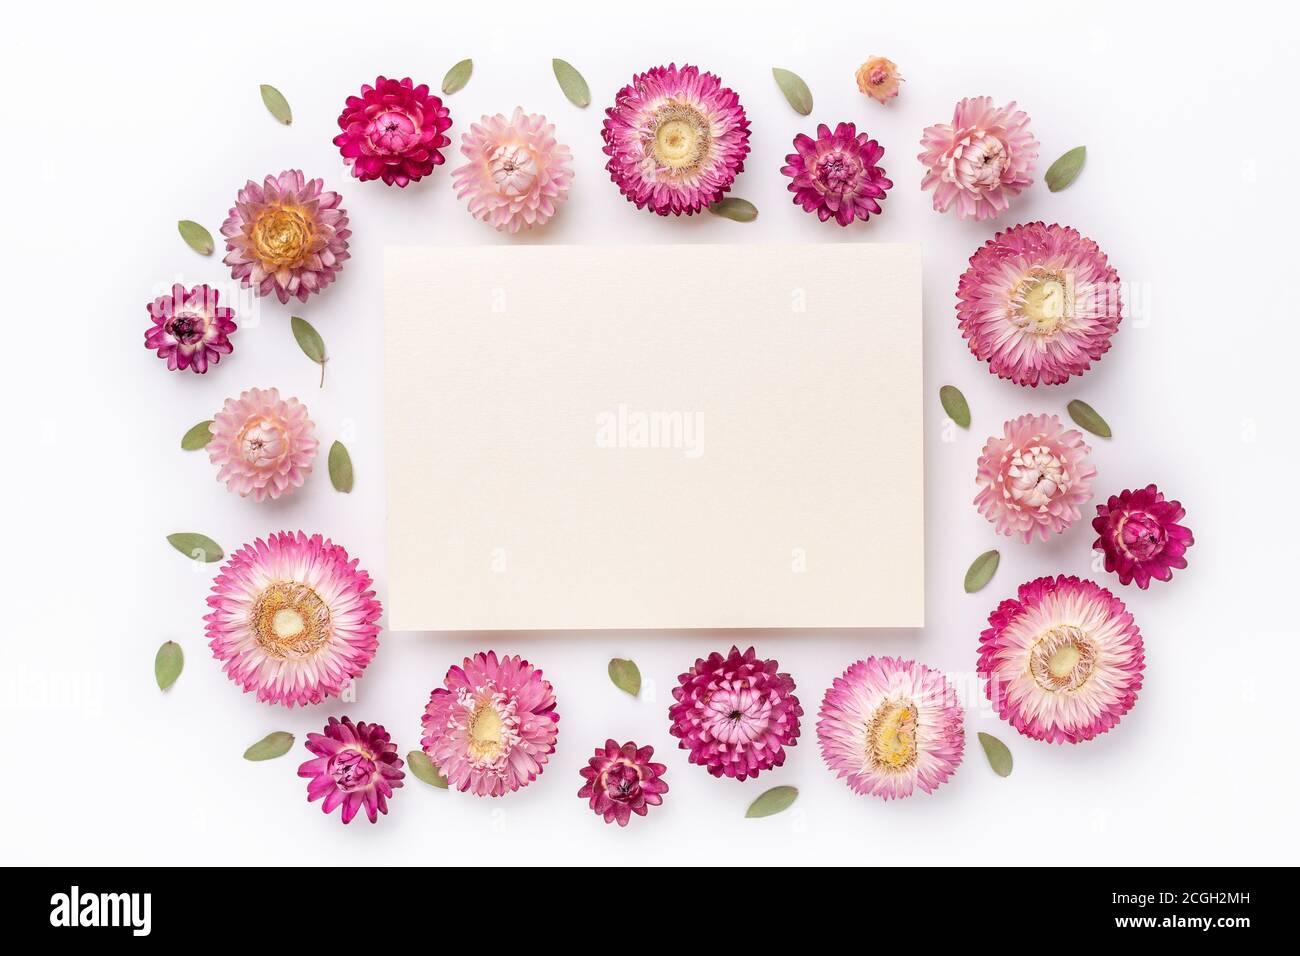 Blumenzusammensetzung. Papierrohling und Rahmen aus trockenen Blumen auf weißem Hintergrund. Flach liegend. Draufsicht. Kopierbereich - Bild Stockfoto